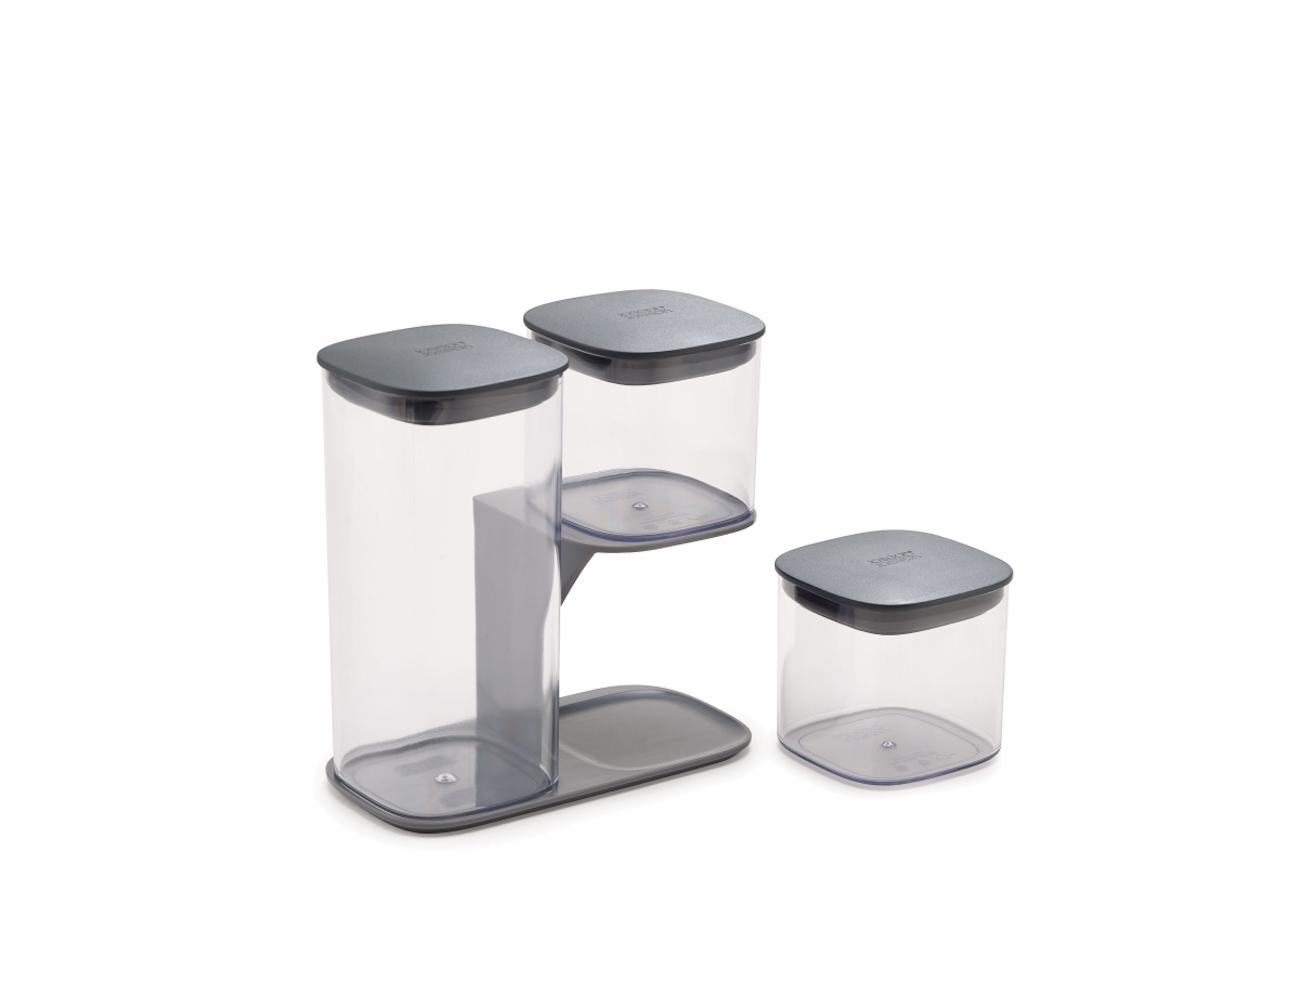 Joseph Joseph Podium Storage Container Set